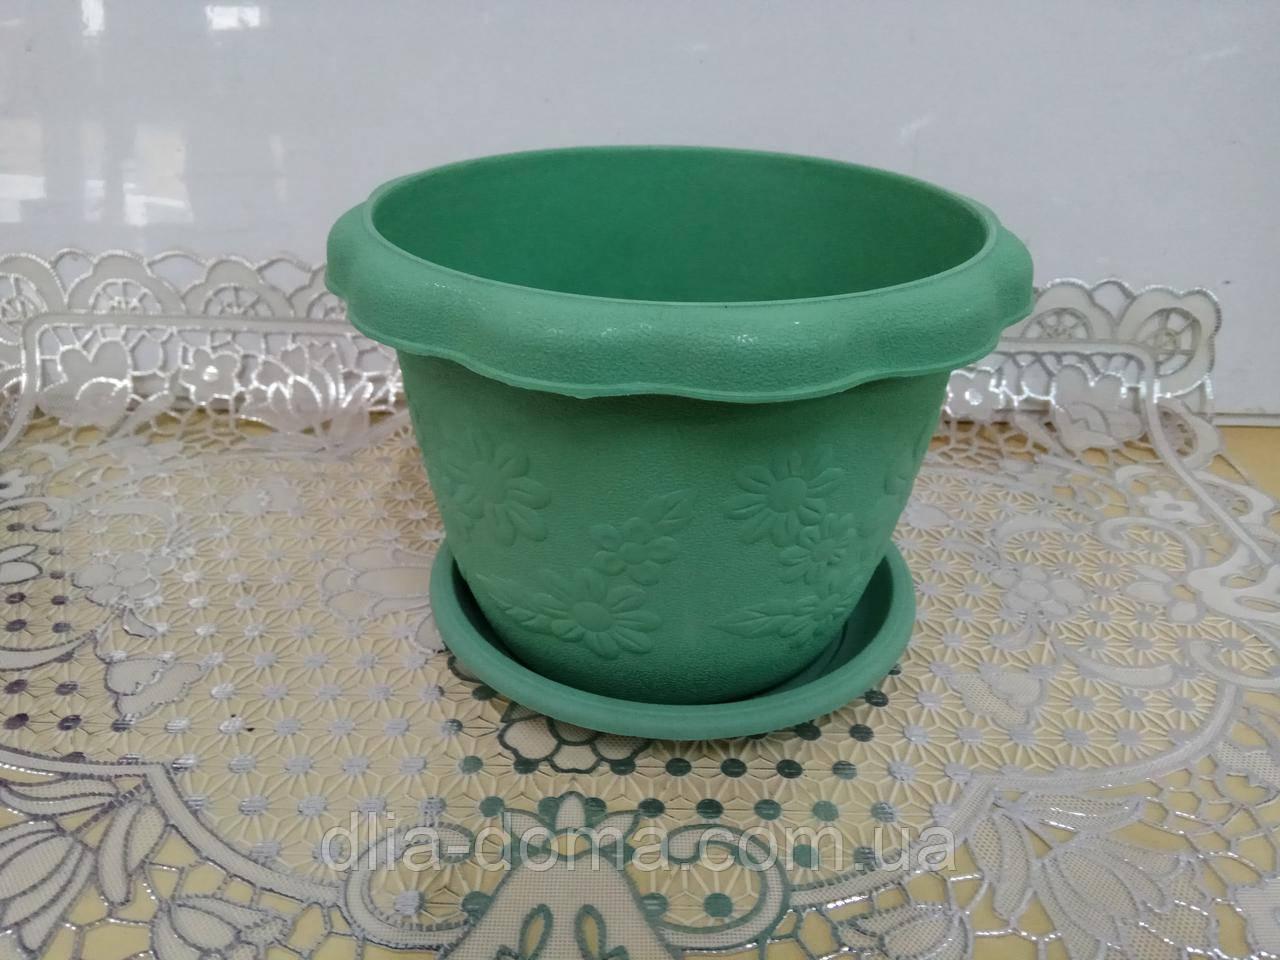 Цветочный горшок, диаметр 19 см,3902